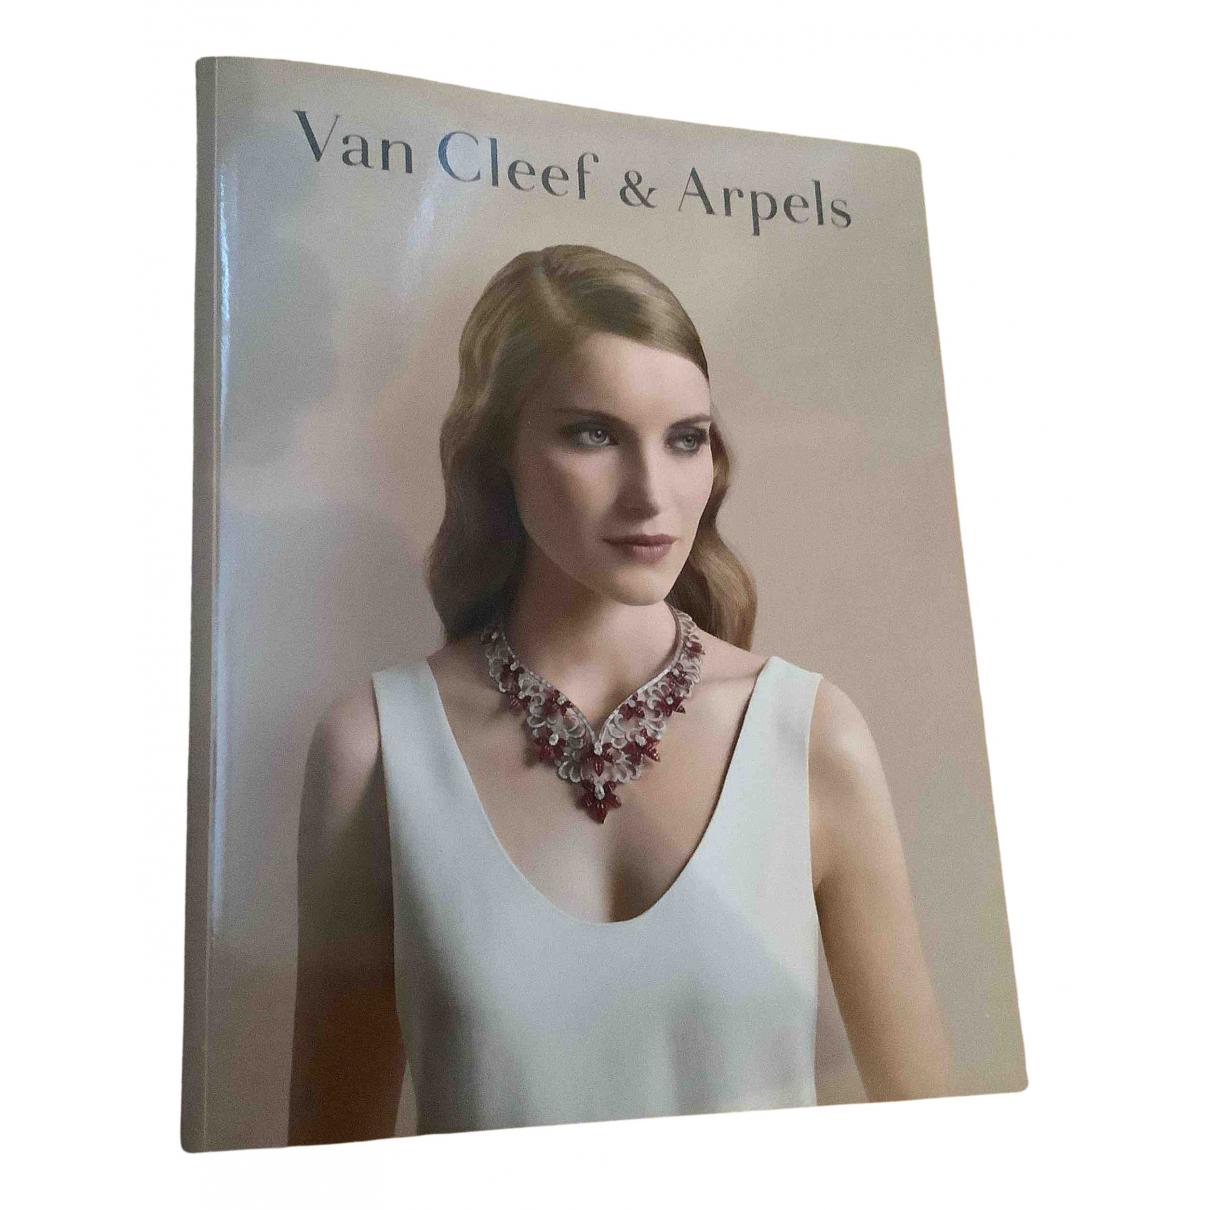 Van Cleef & Arpels - Photographie   pour lifestyle en coton